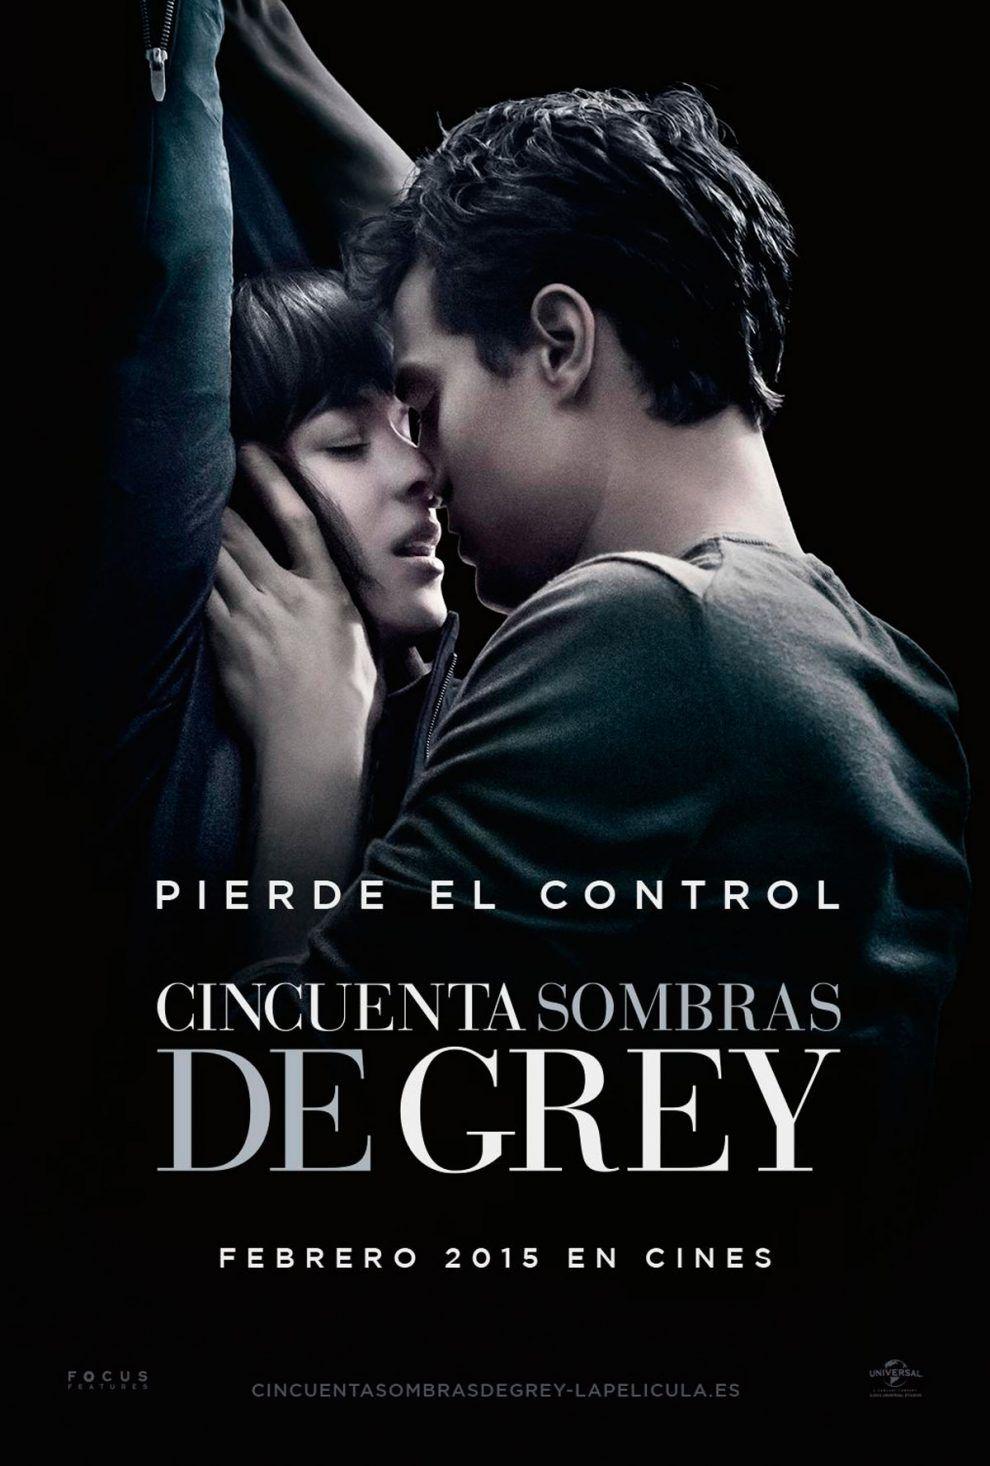 Ver 50 Sombras De Grey Pelicula Completa En Espanol Latino Hd Online Gratis En Español Peliculas Onl Grey Pelicula Sombras De Grey Libro Cincuenta Sombras